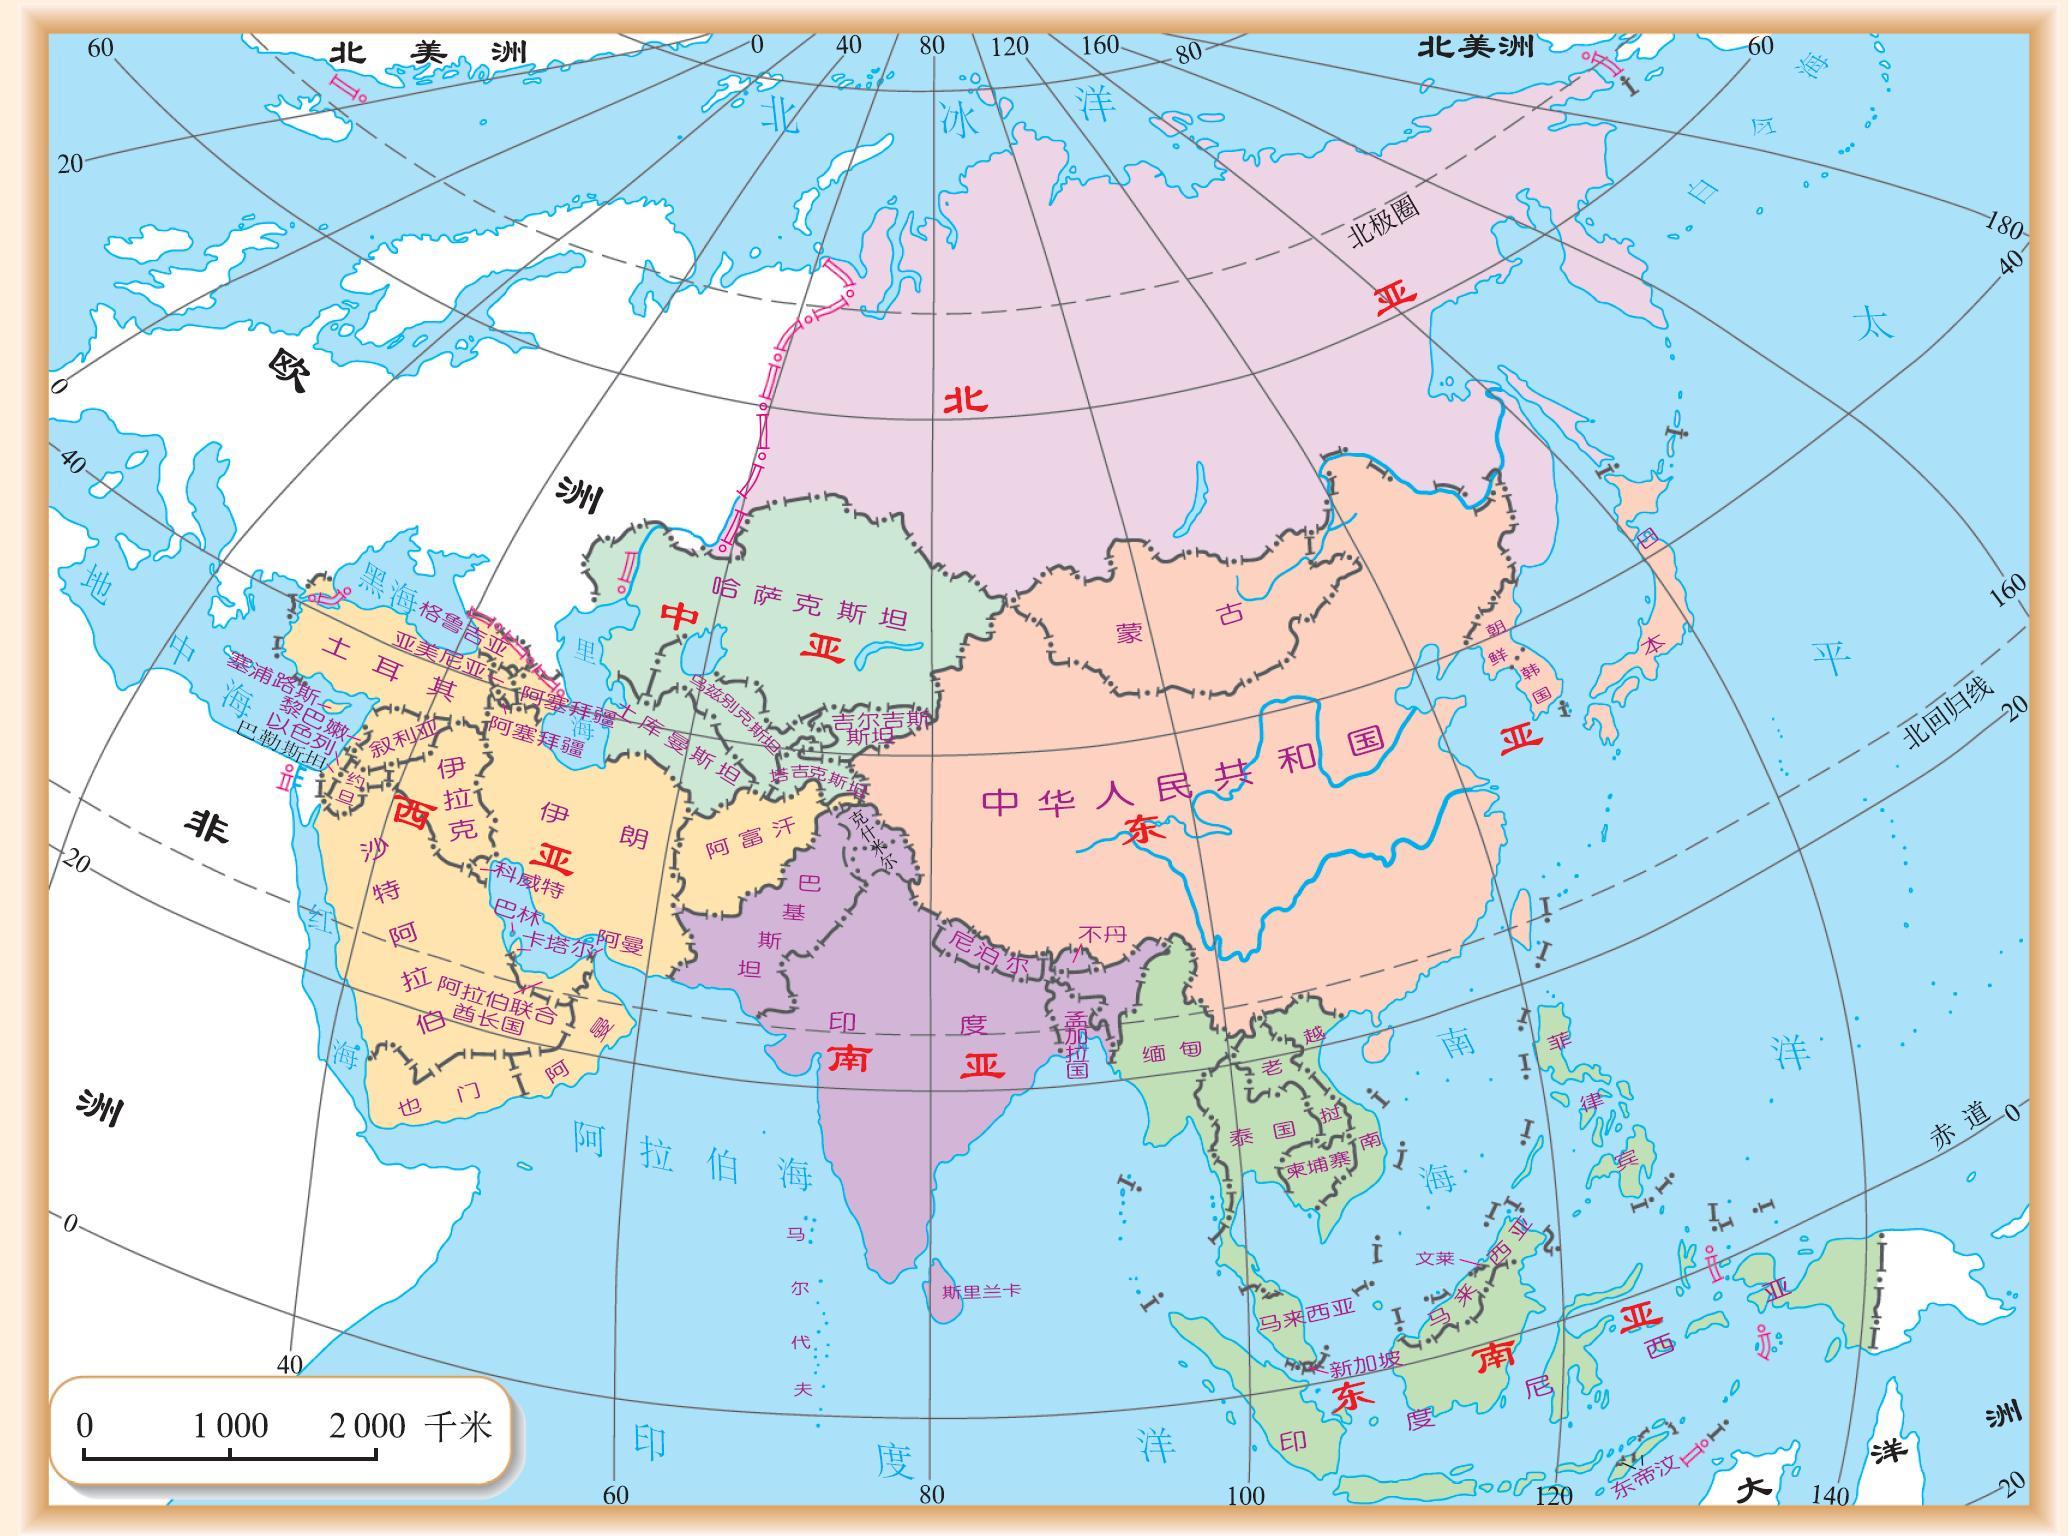 图二 亚洲地理分布图片